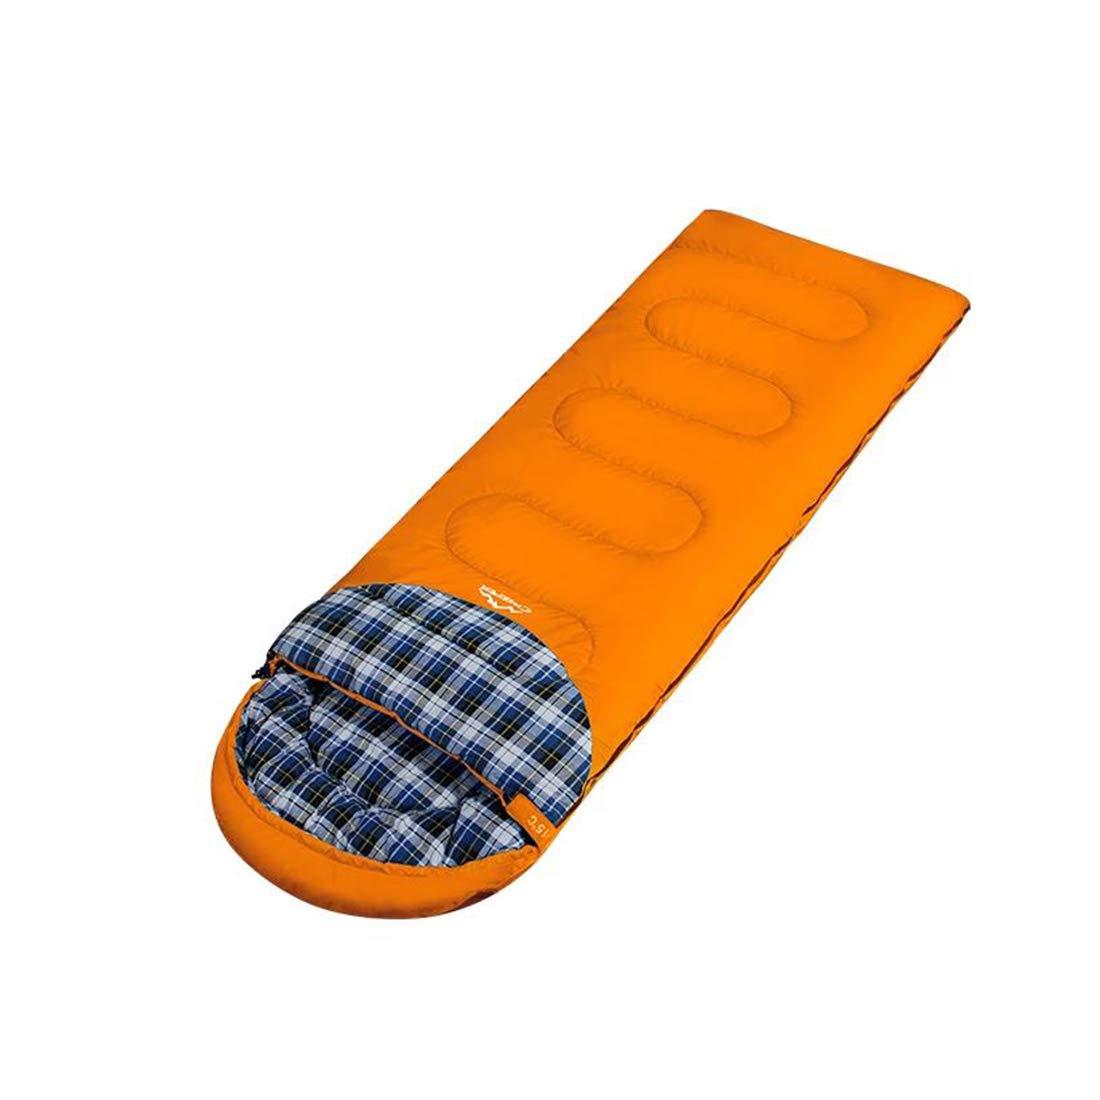 Nalkusxi Baumwollumschlag Ultraleichter, tragbarer Komfort mit Kompressionssack - Ideal für Reisen, Camping, Wandern, Outdoor-Aktivitäten und Jungen